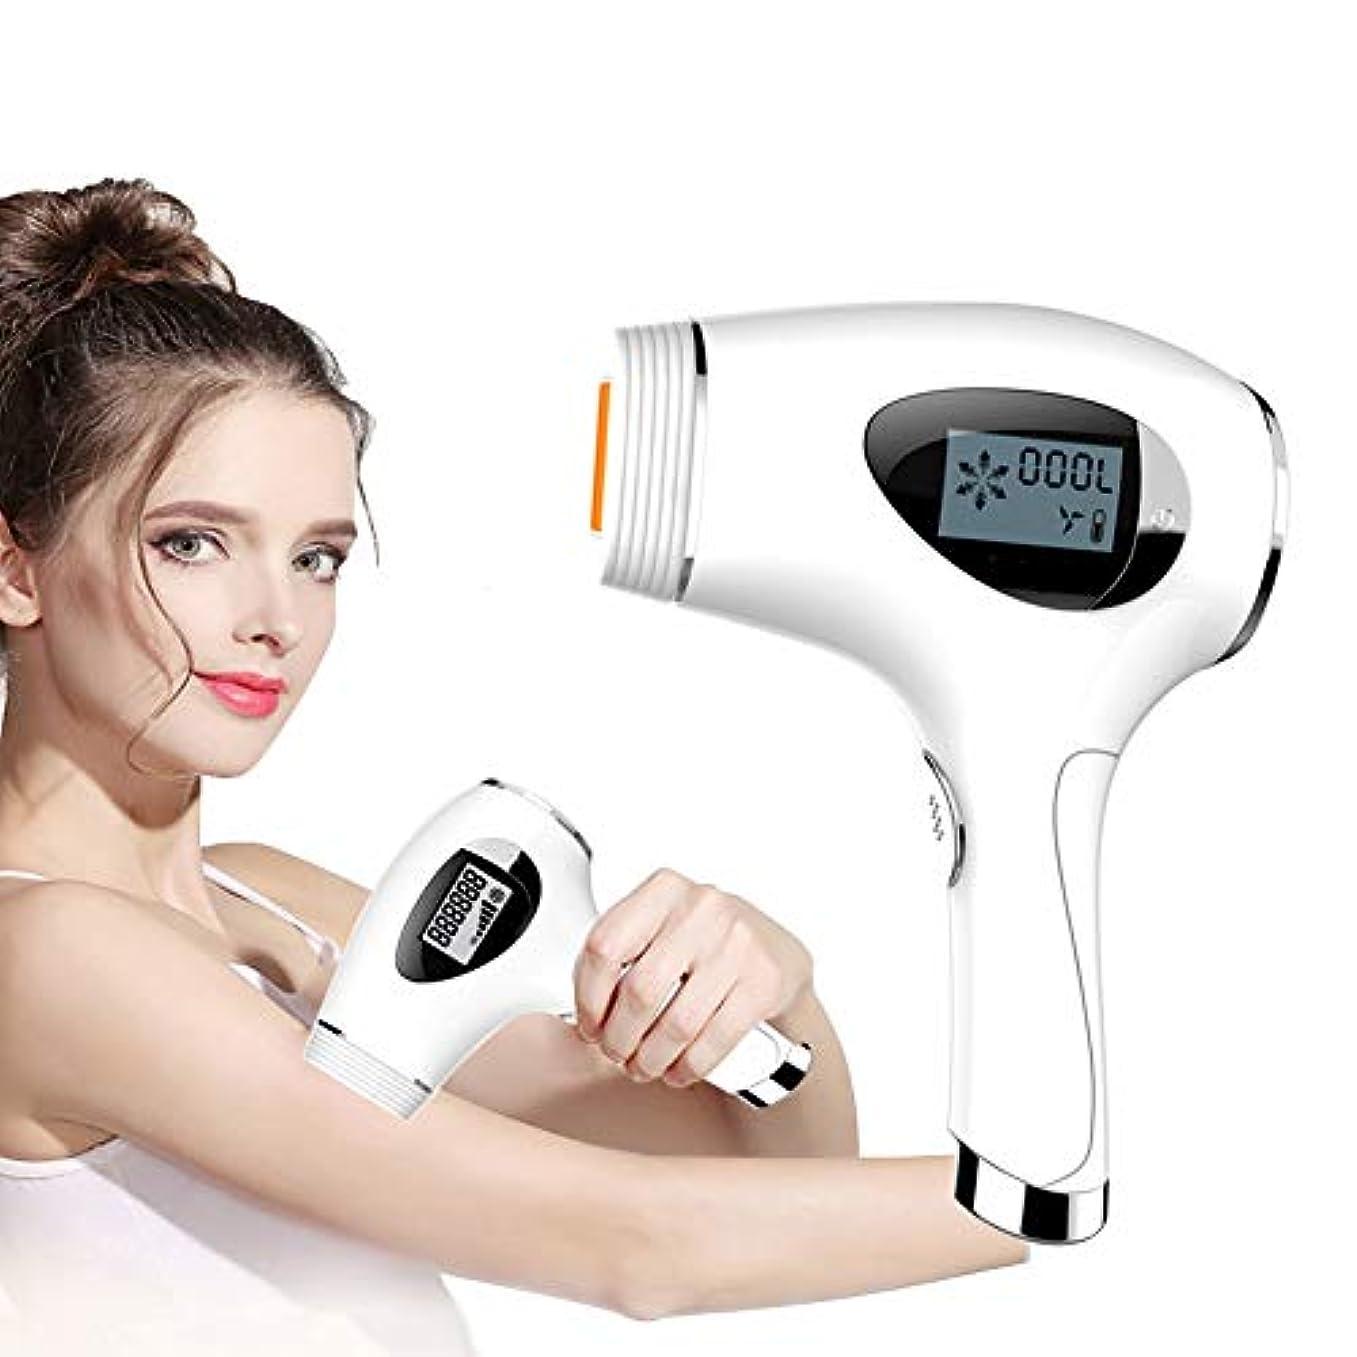 かまど地理バー無痛 IPL 脱毛 システム にとって フェイシャル、 ポータブル 肌の若返り 常設 ヘア リムーバー 機械 にとって 女性たち 男性、 30万 点滅 ホームユース 脱毛 にとって 全身